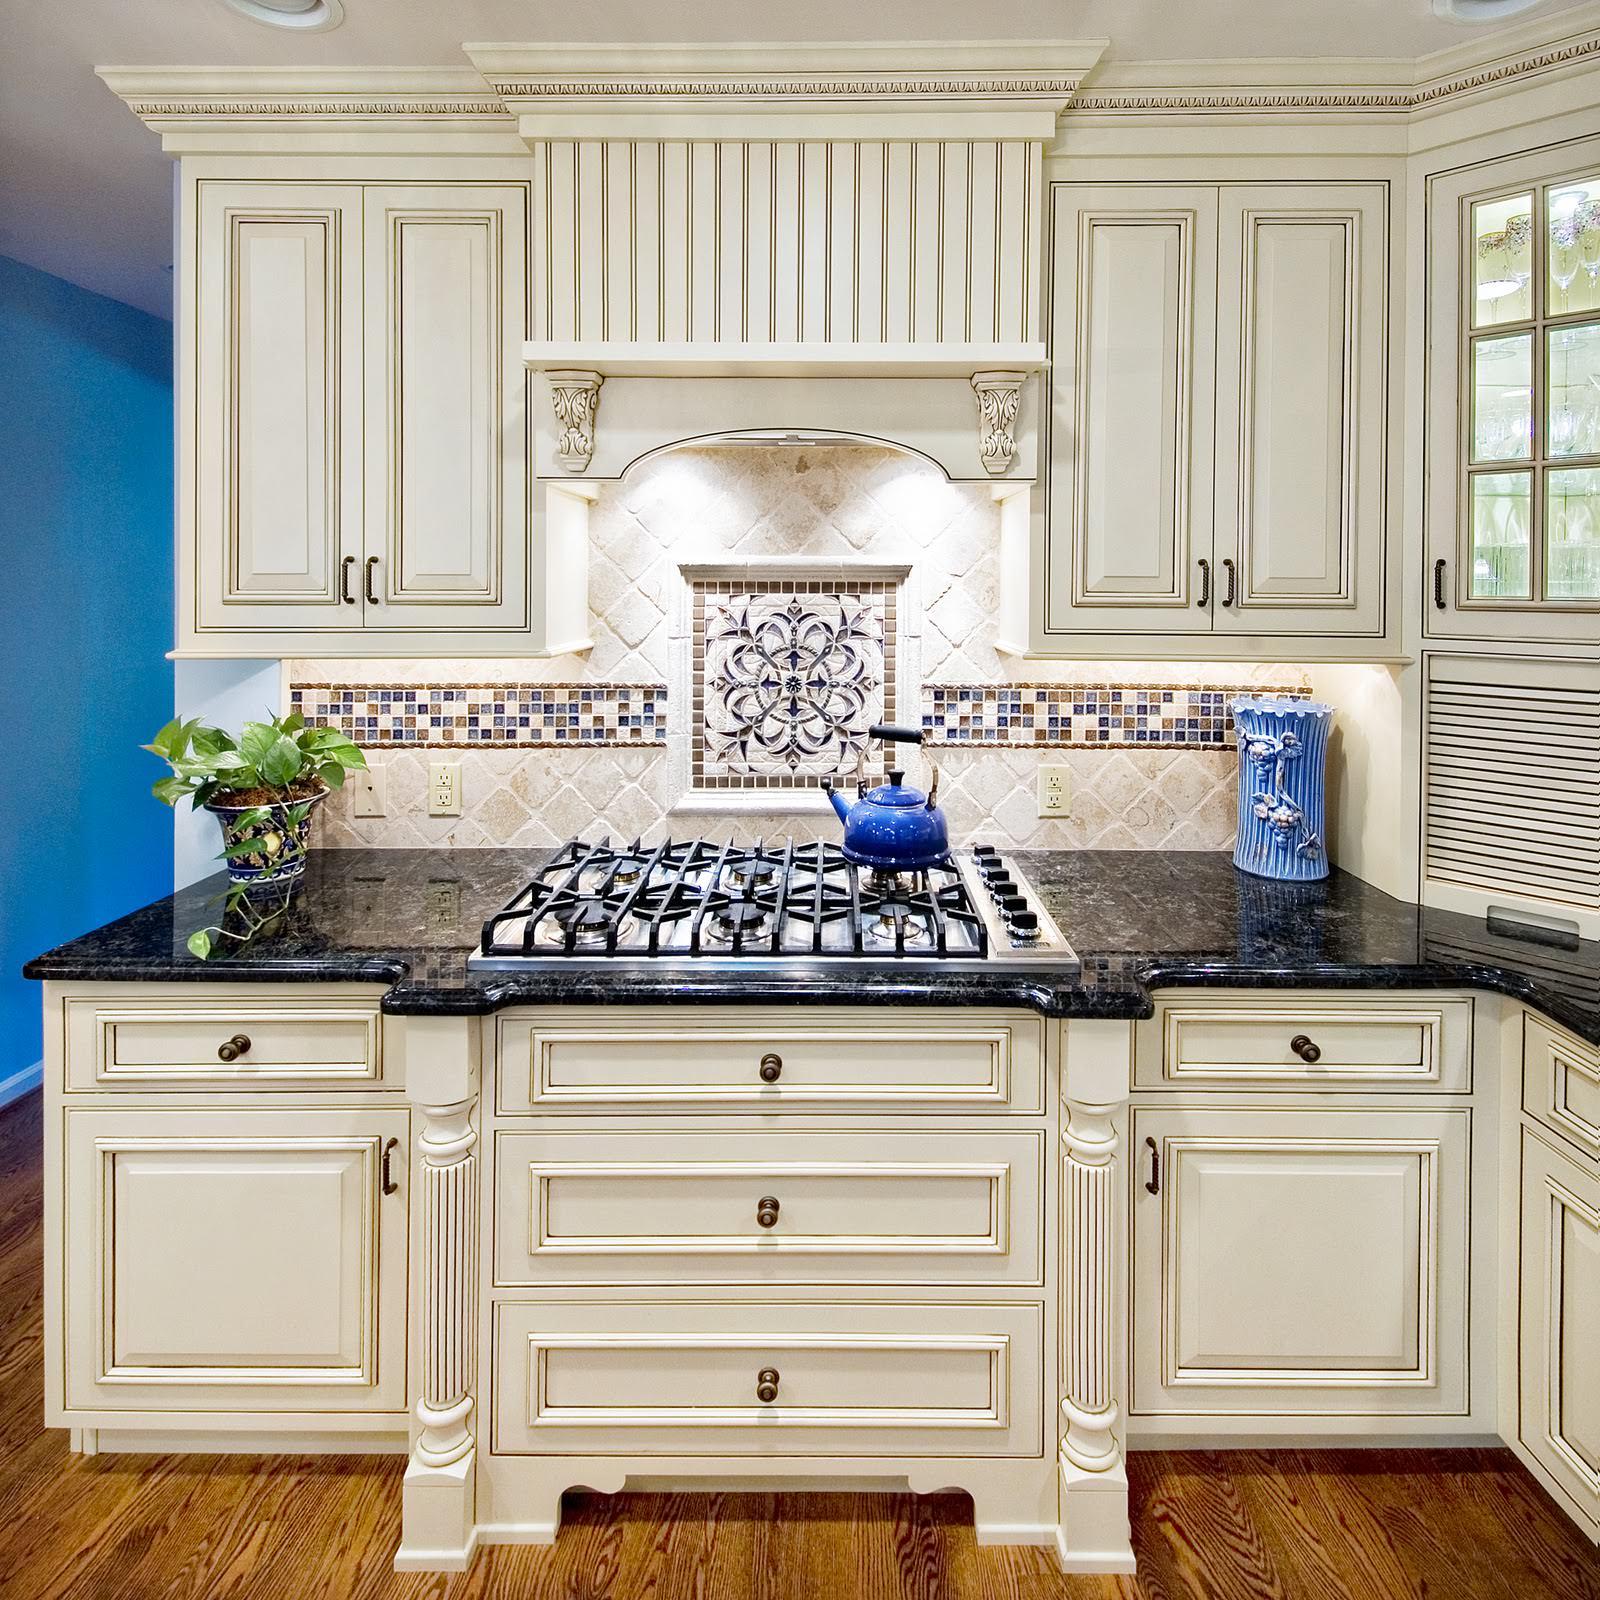 Сочетание мозаики и обычной плитки на кухне